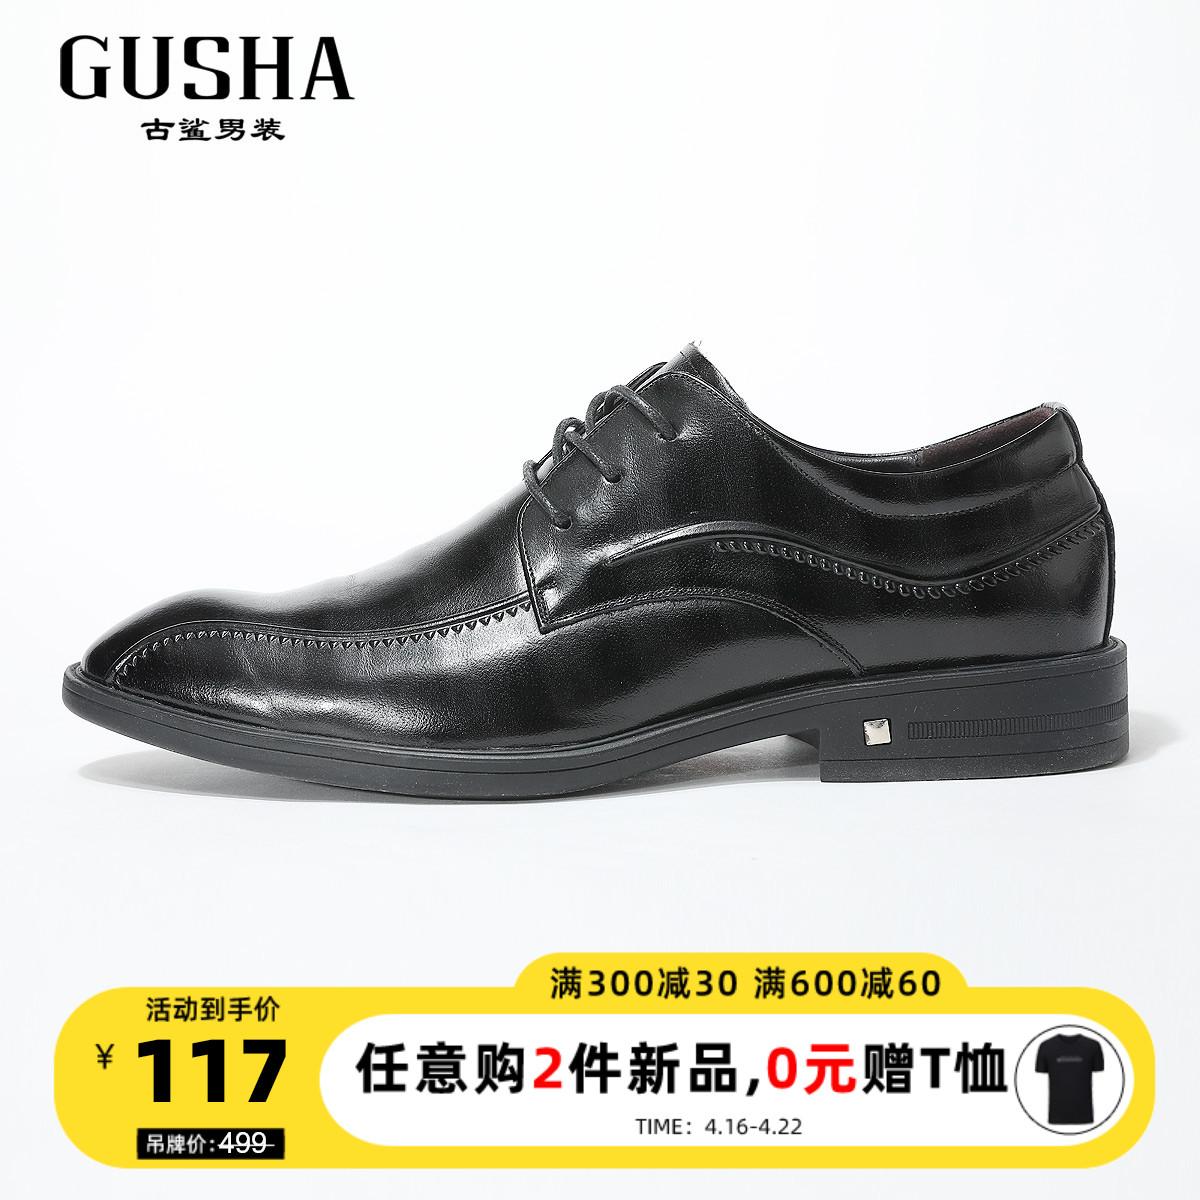 古鲨春季新款韩版休闲真皮透气英伦商务黑色男鞋子09539022